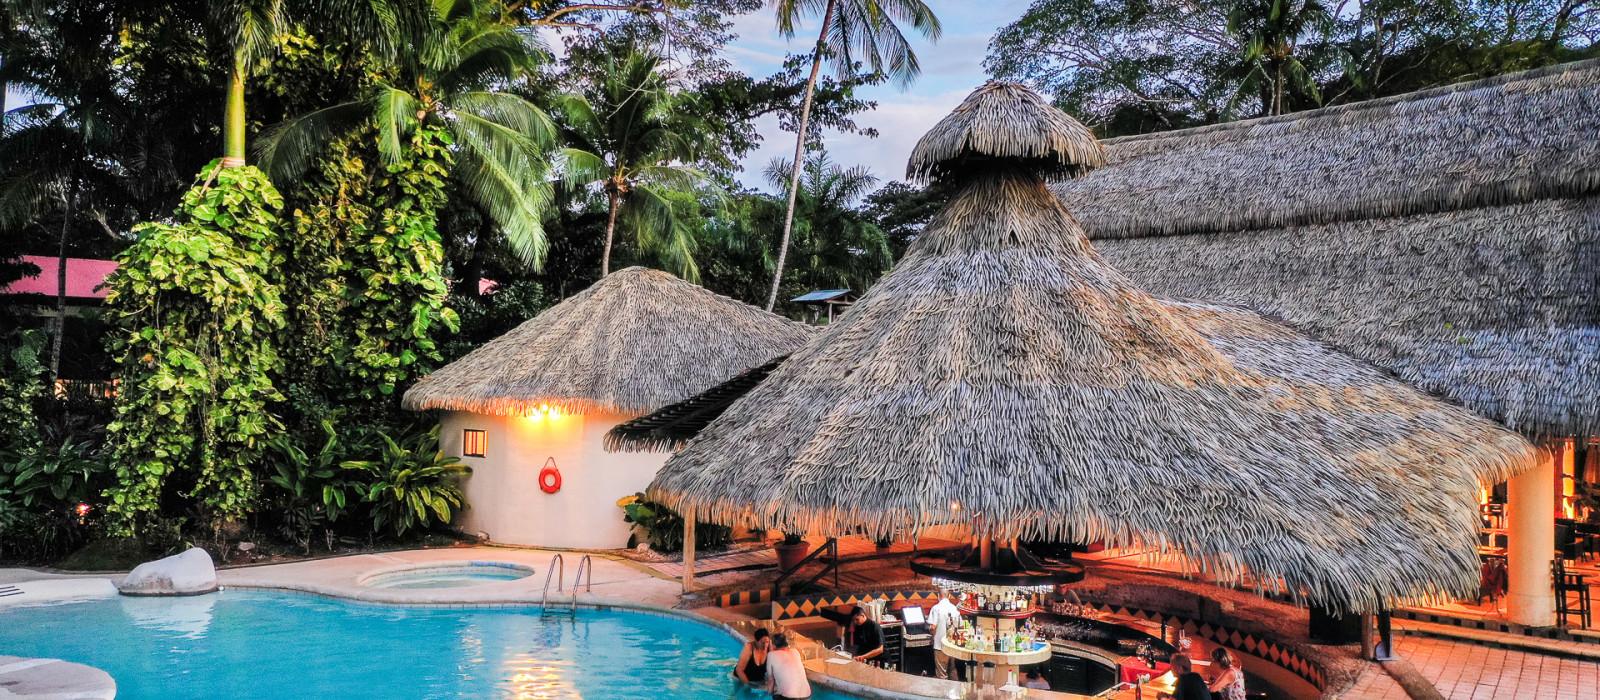 Hotel Bahía del Sol Costa Rica